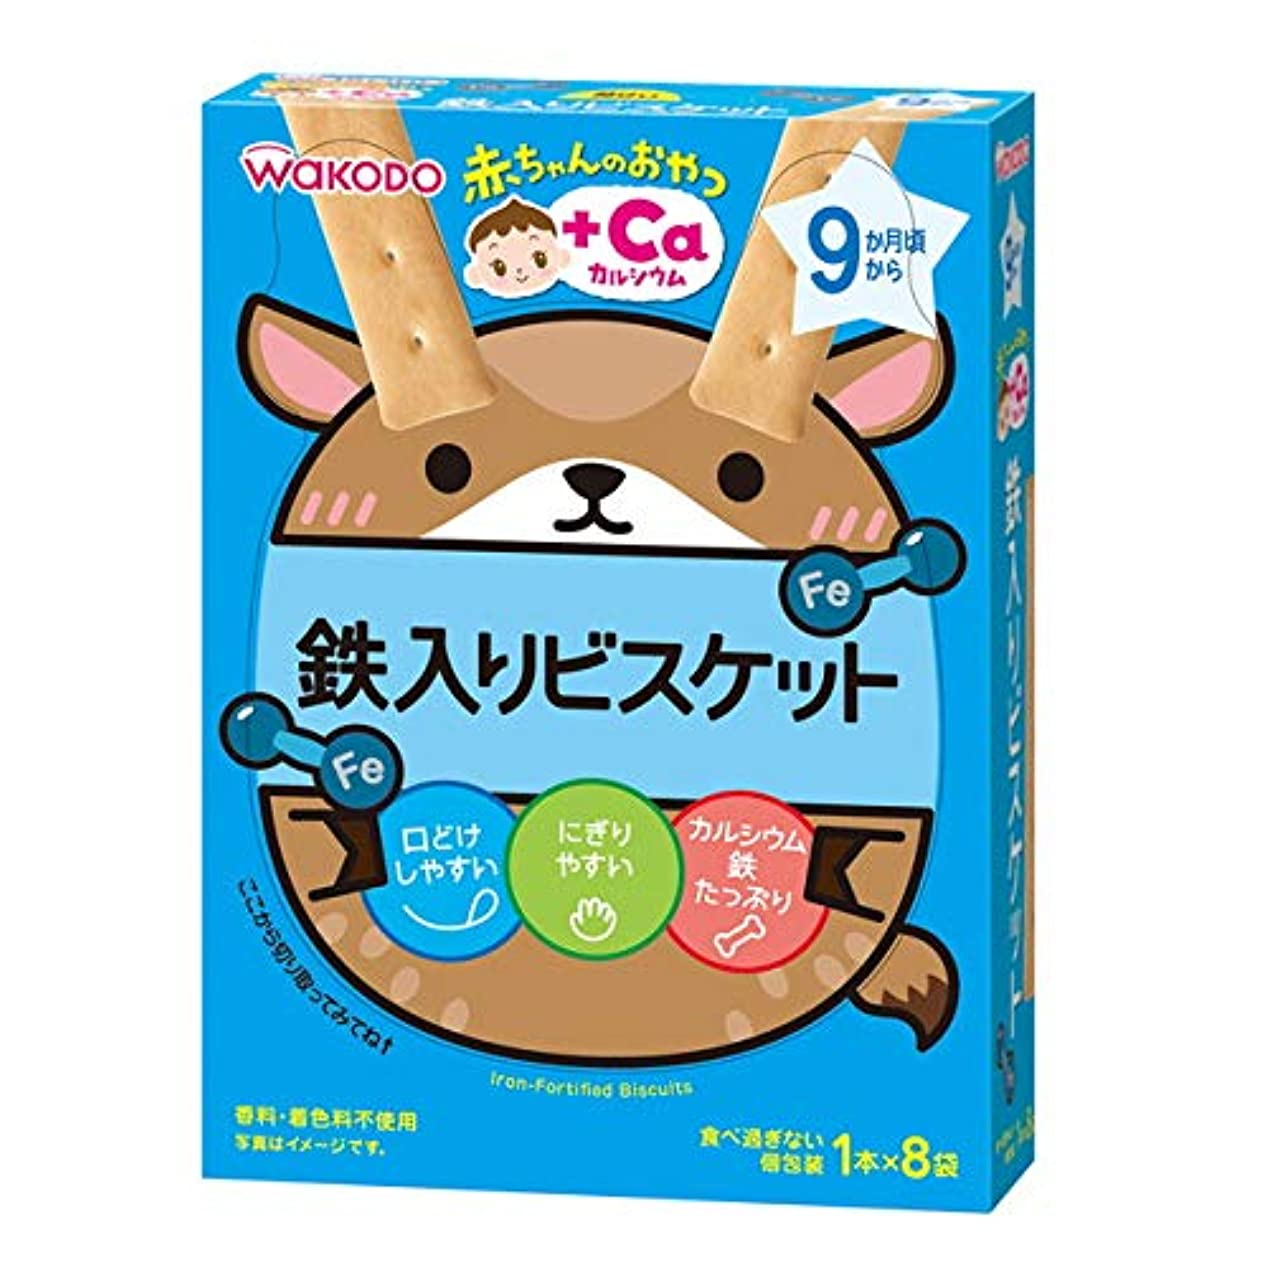 記憶パテ頻繁に和光堂 赤ちゃんのおやつ 鉄入りビスケット 1本×8袋 (9ヶ月頃から)【3個セット】